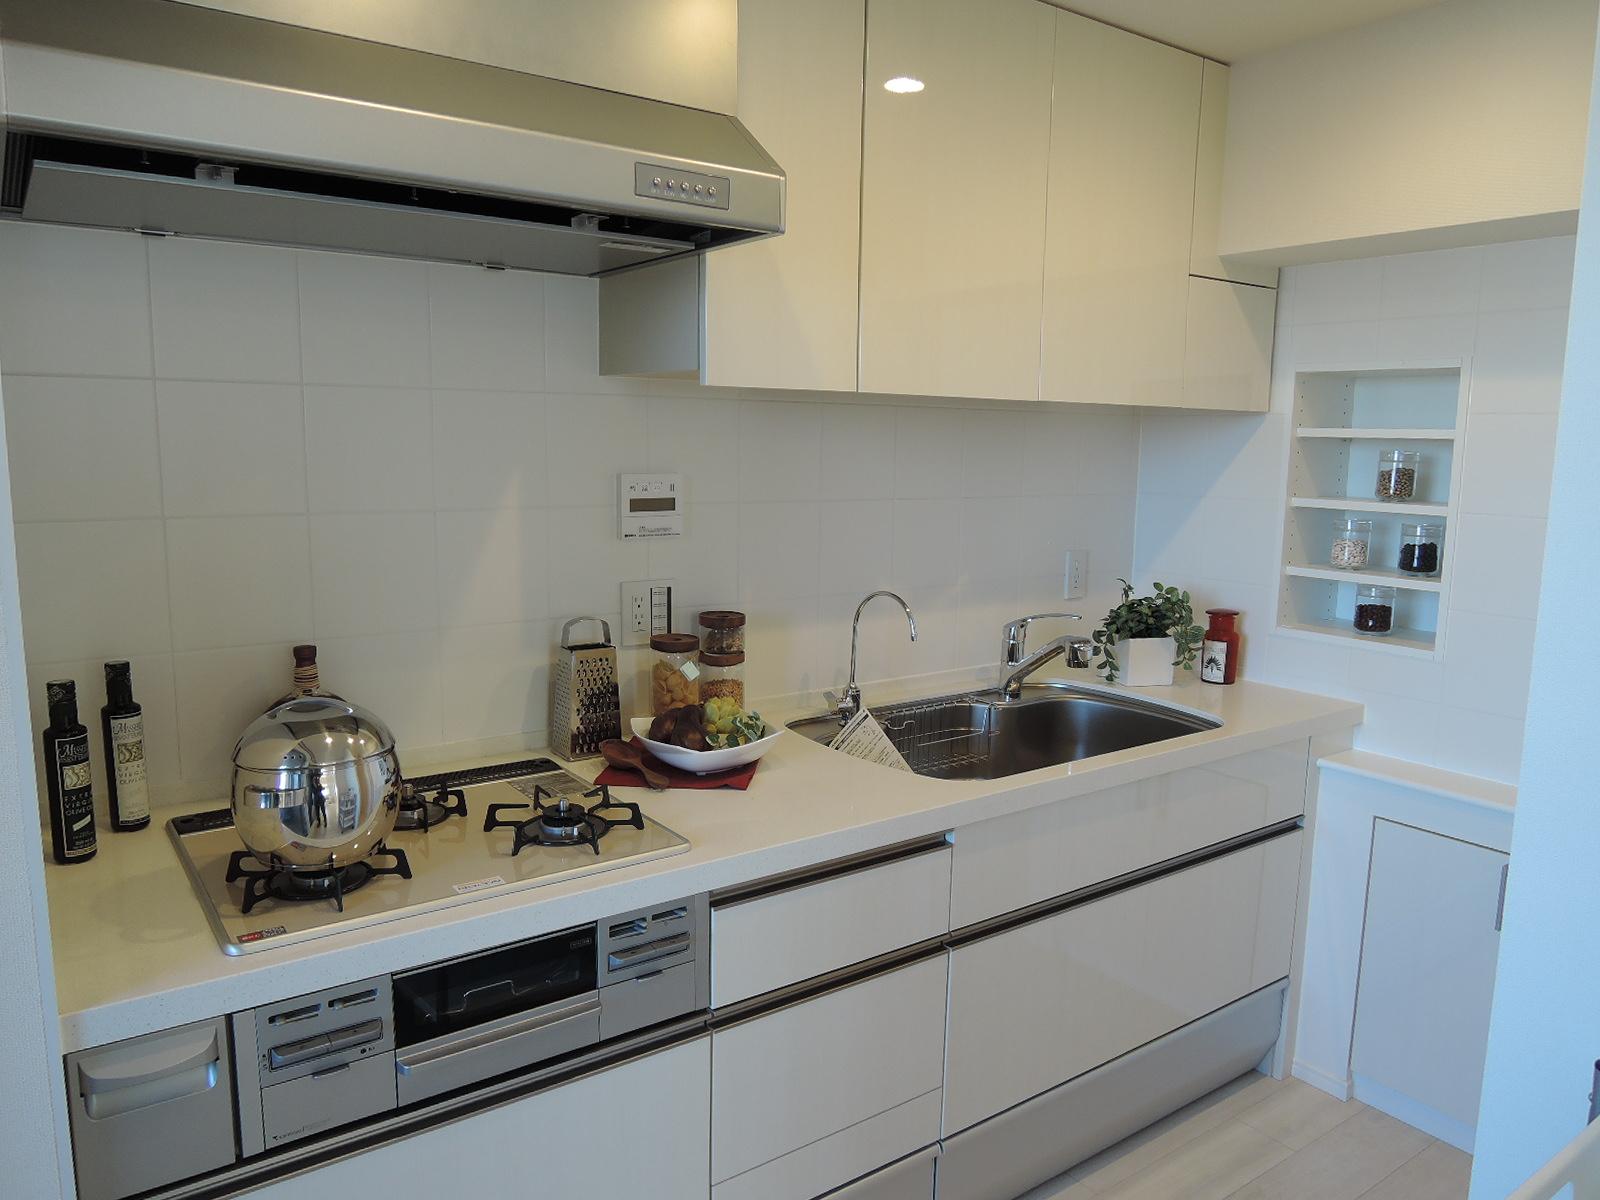 リビング横の明るくスッキリとしたキッチンスペース